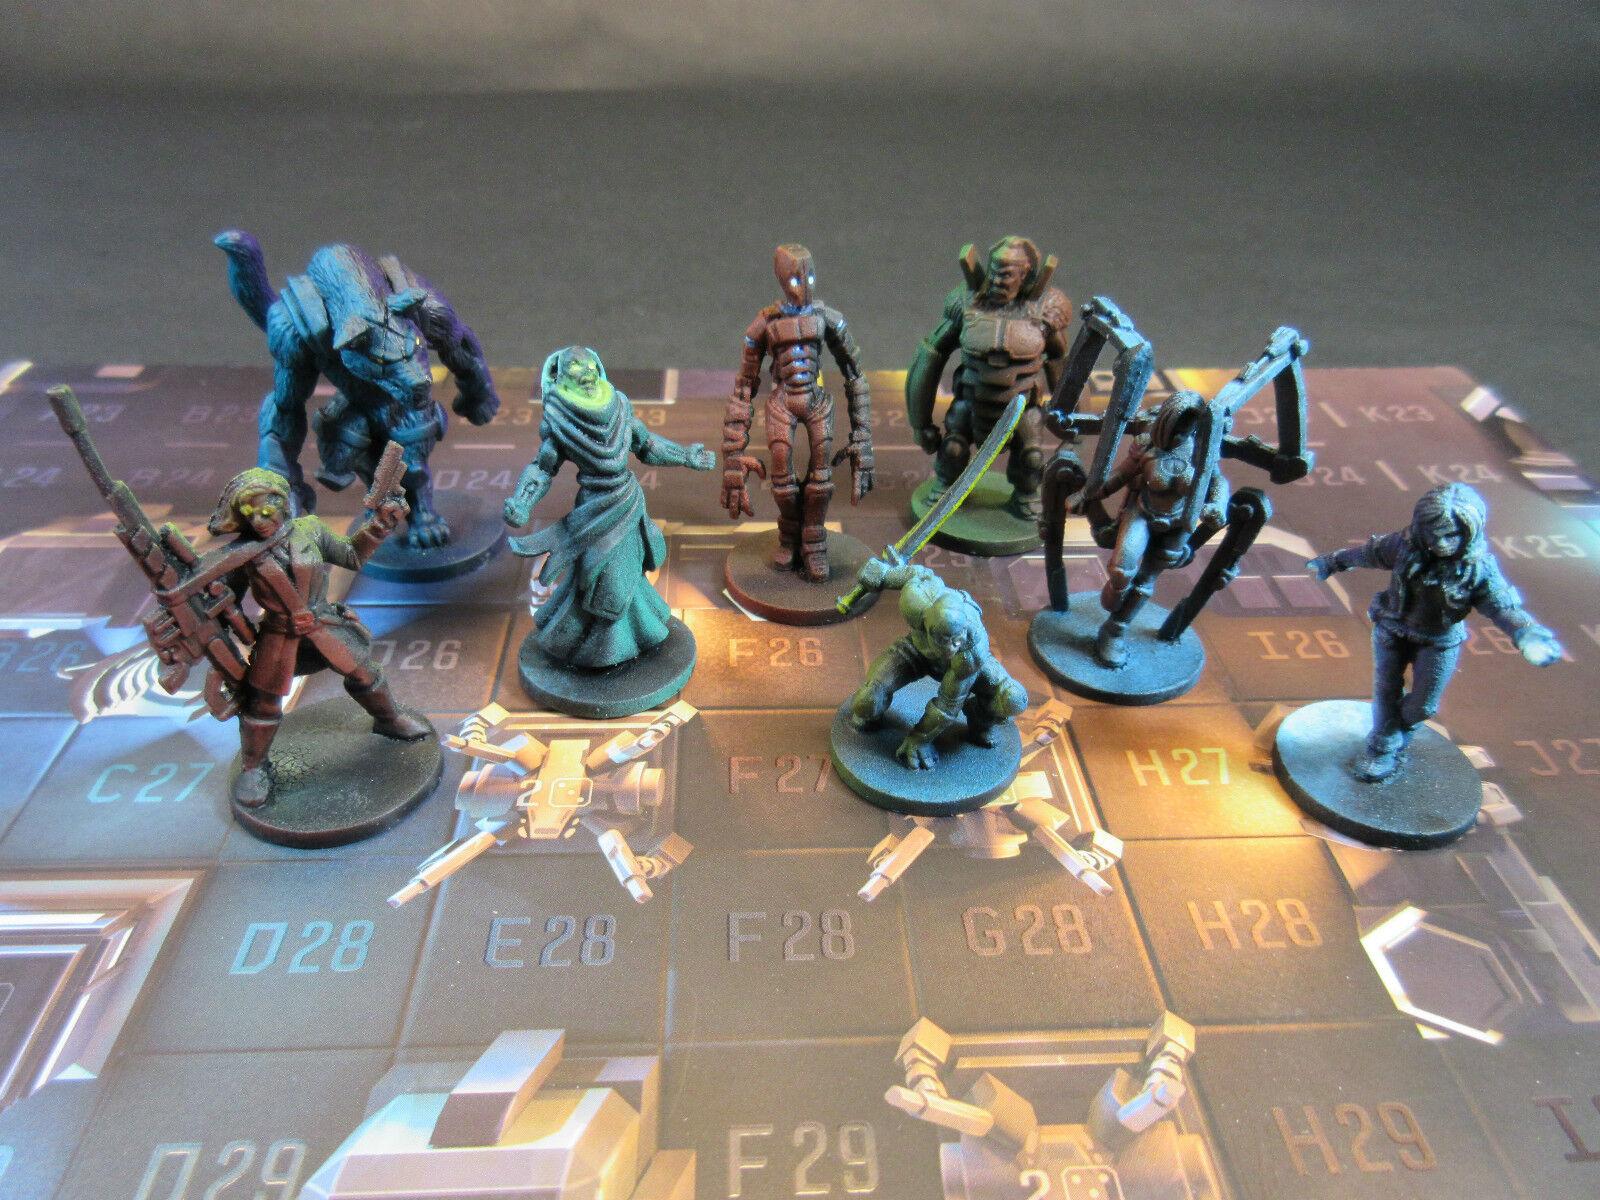 Painted Specter OPS jeu de plateau Plaid Hat 2-5 joueurs Stealth Chase déduction